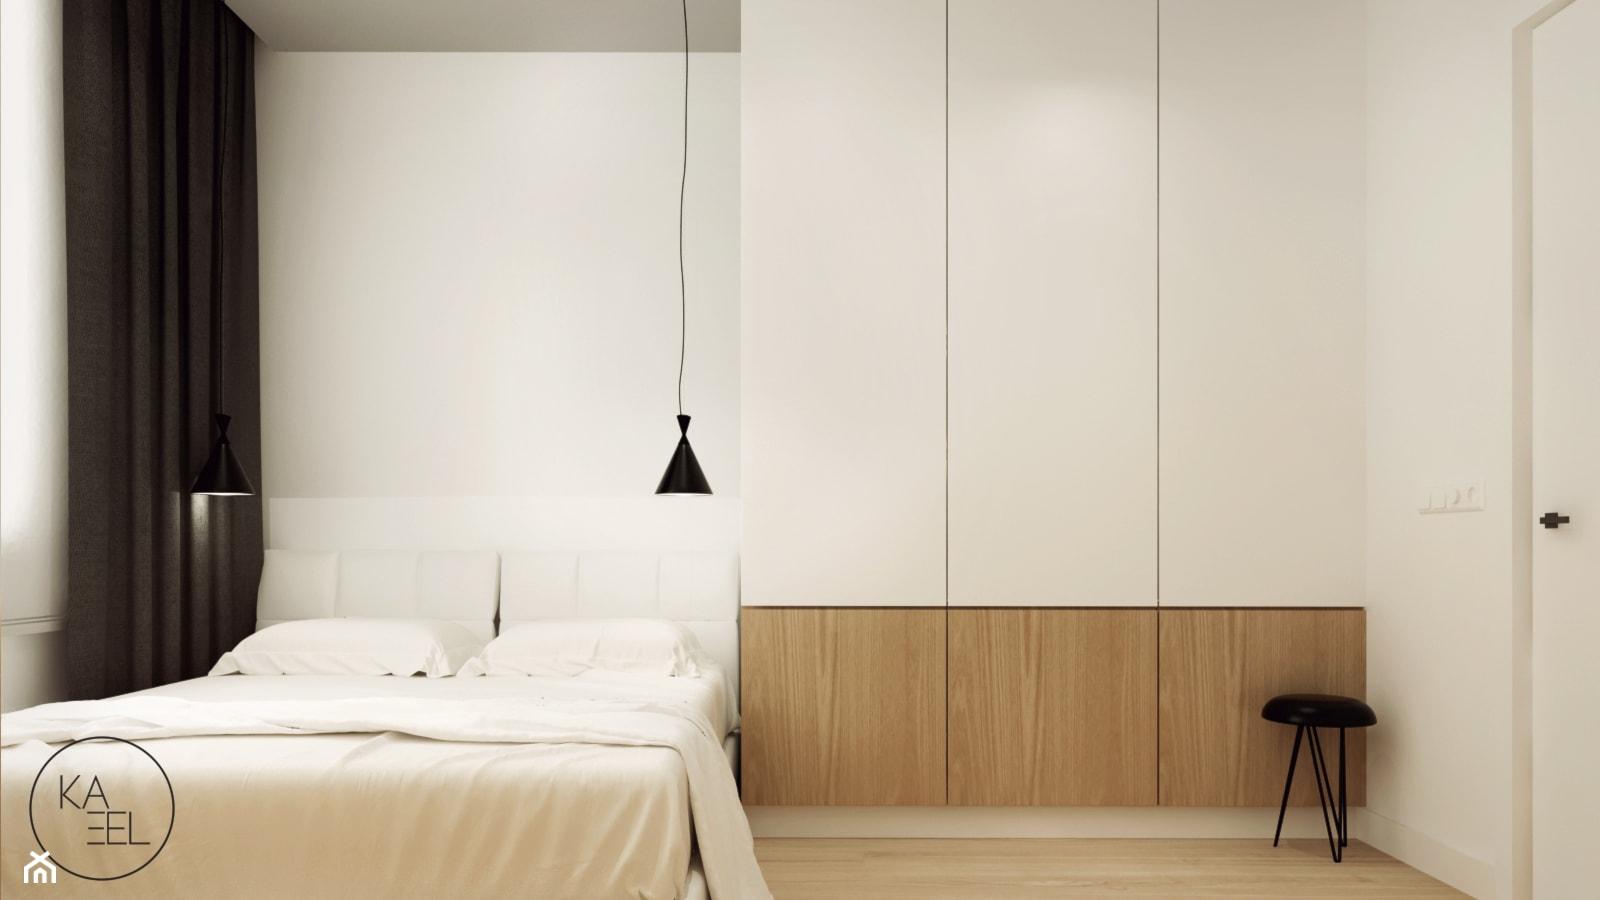 STRZESZEWSKIEGO - Średnia biała sypialnia małżeńska, styl minimalistyczny - zdjęcie od KAEL Architekci - Homebook